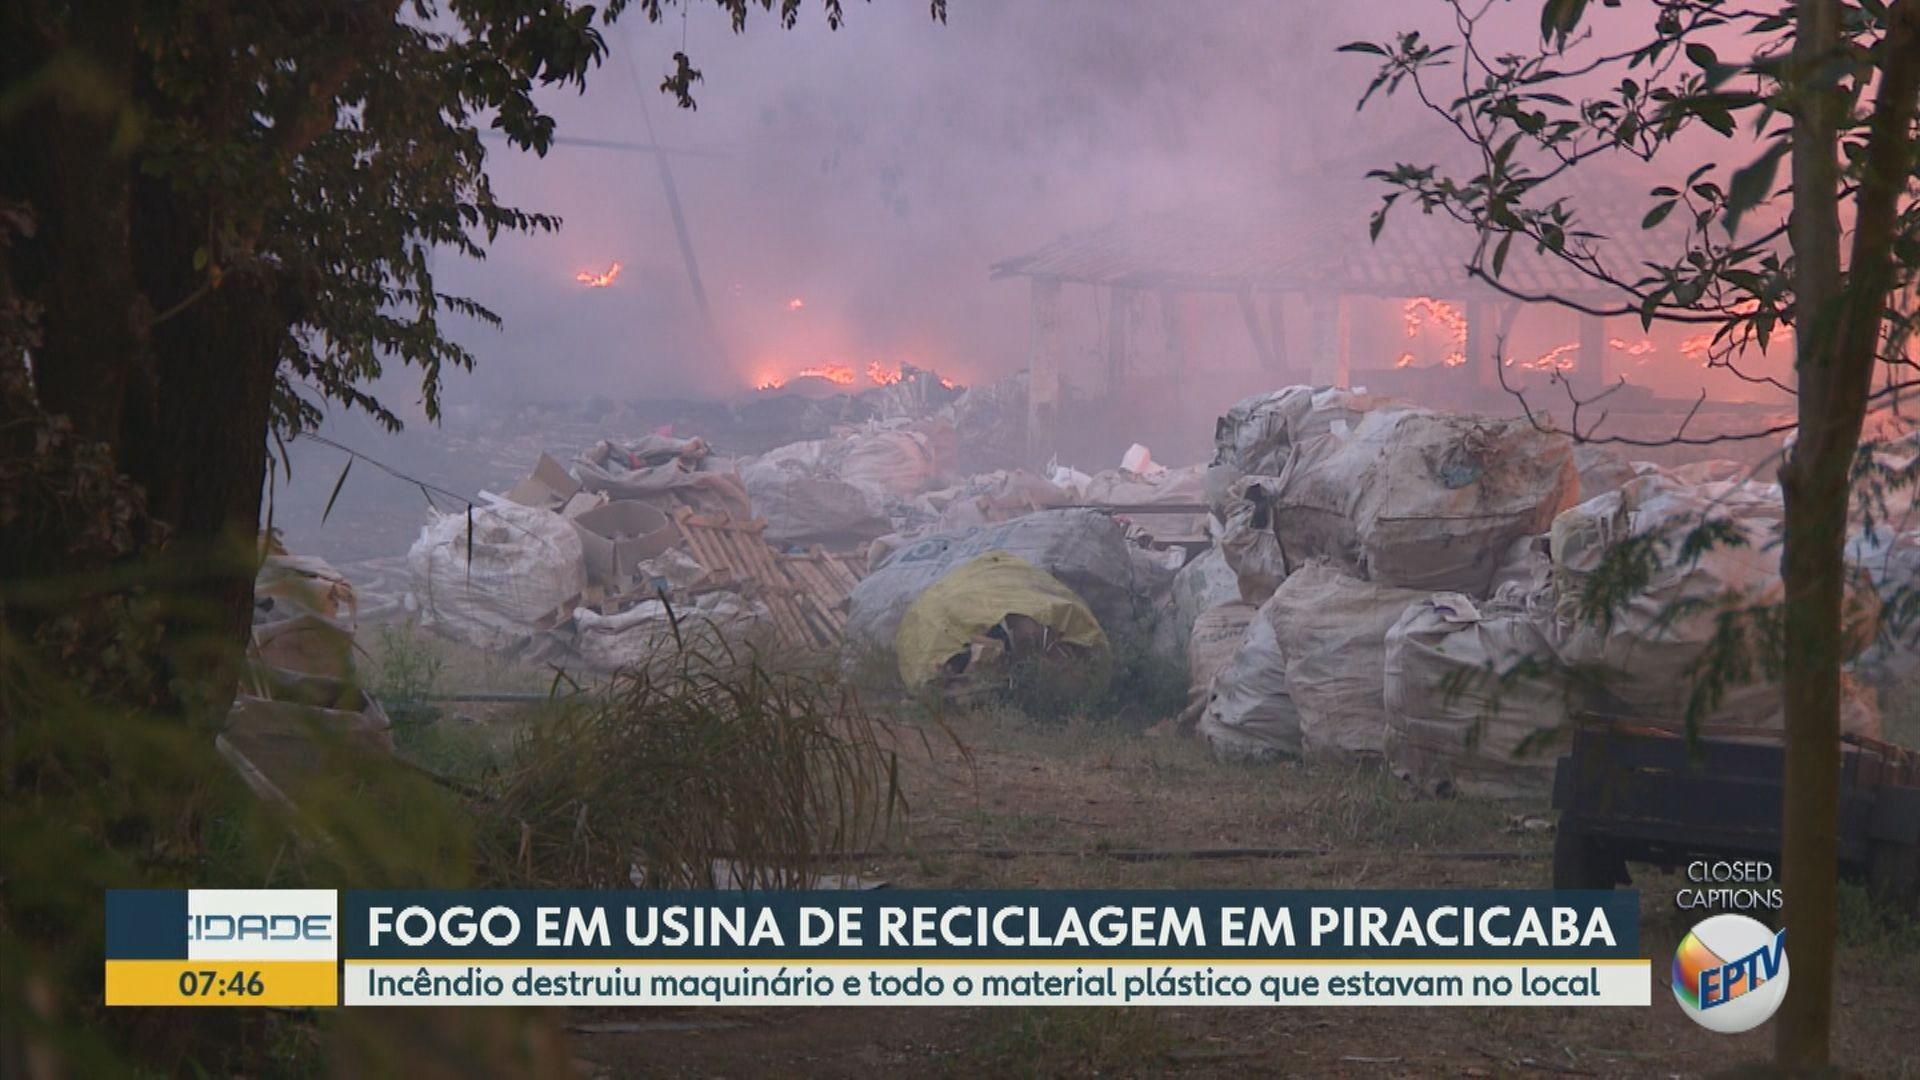 VÍDEOS: Bom Dia Cidade Ribeirão Preto de quarta-feira, 12 de agosto de 2020